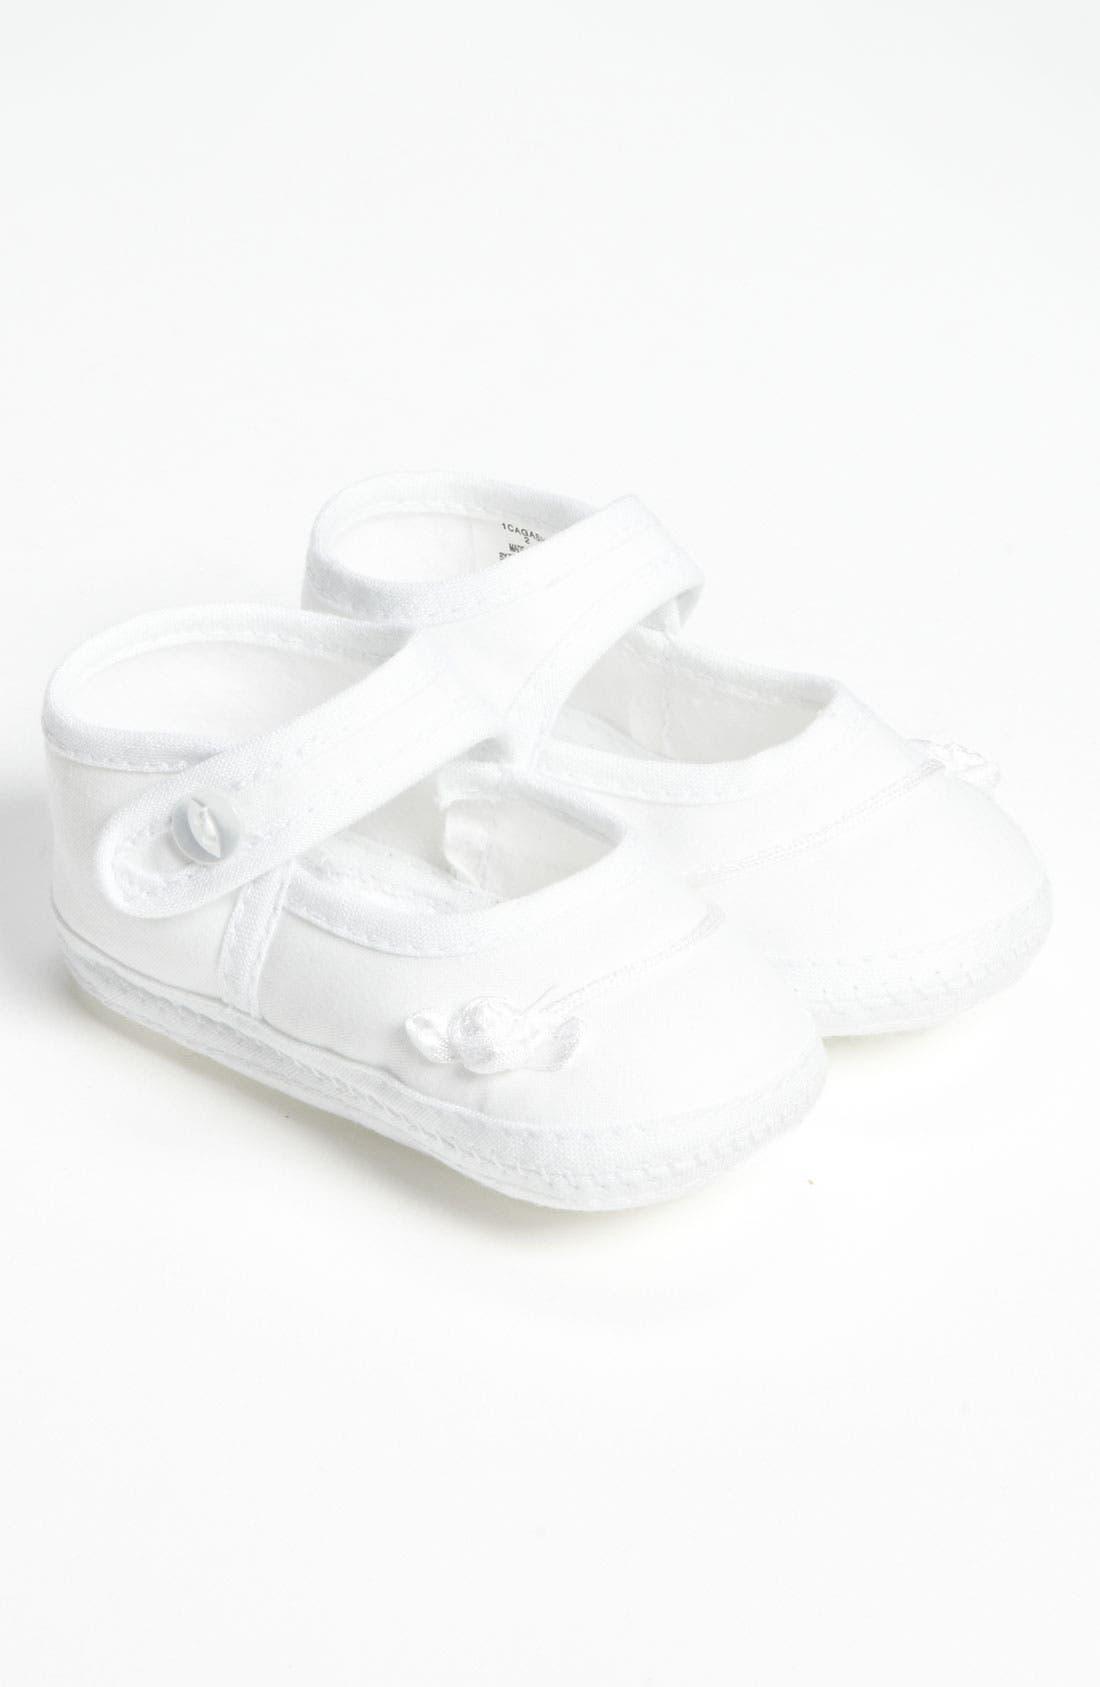 LITTLE THINGS MEAN A LOT Cotton Batiste Shoe